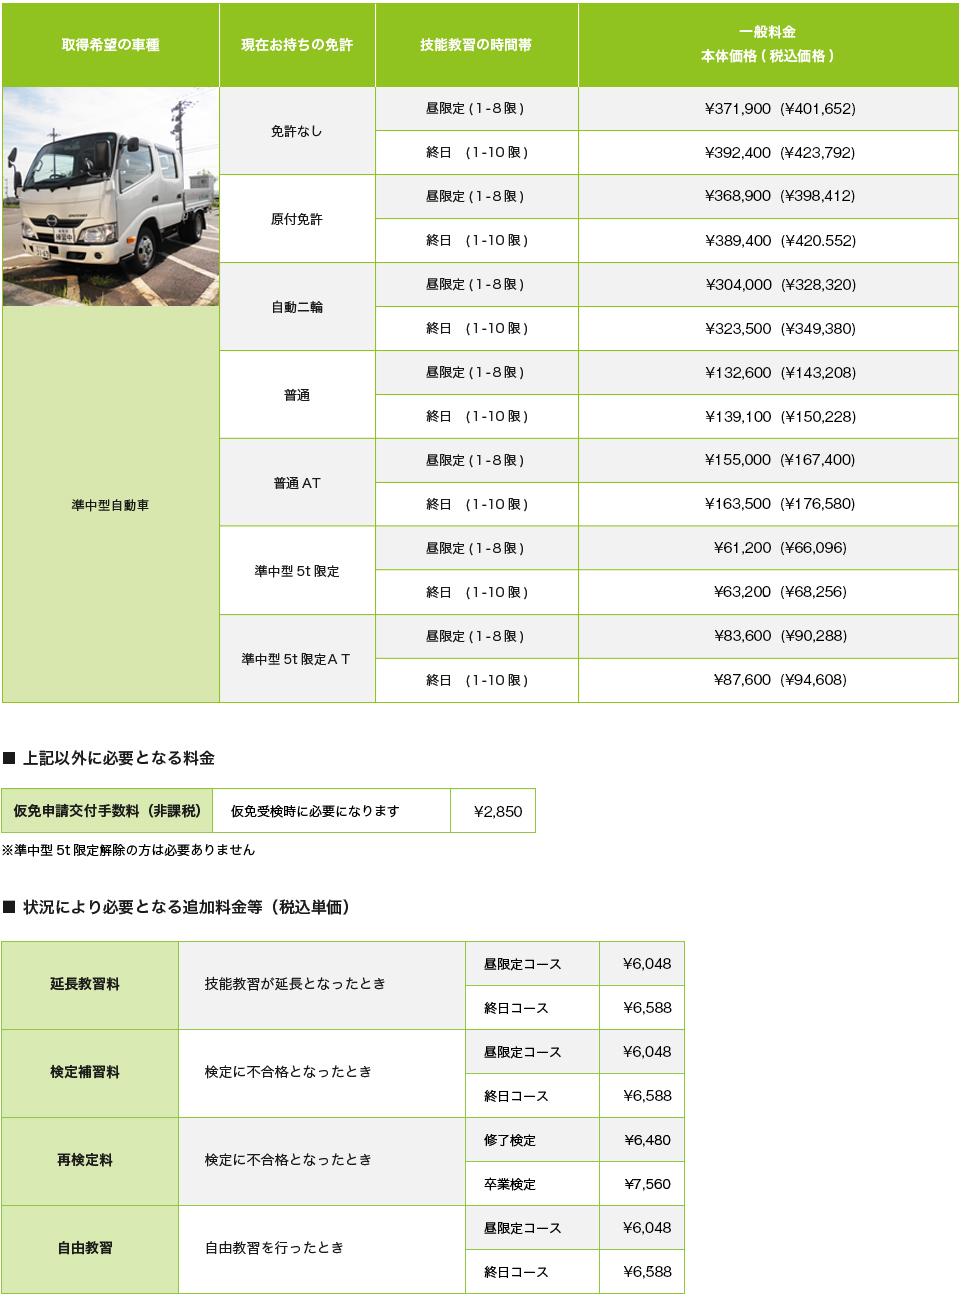 準中型自動車 料金一覧